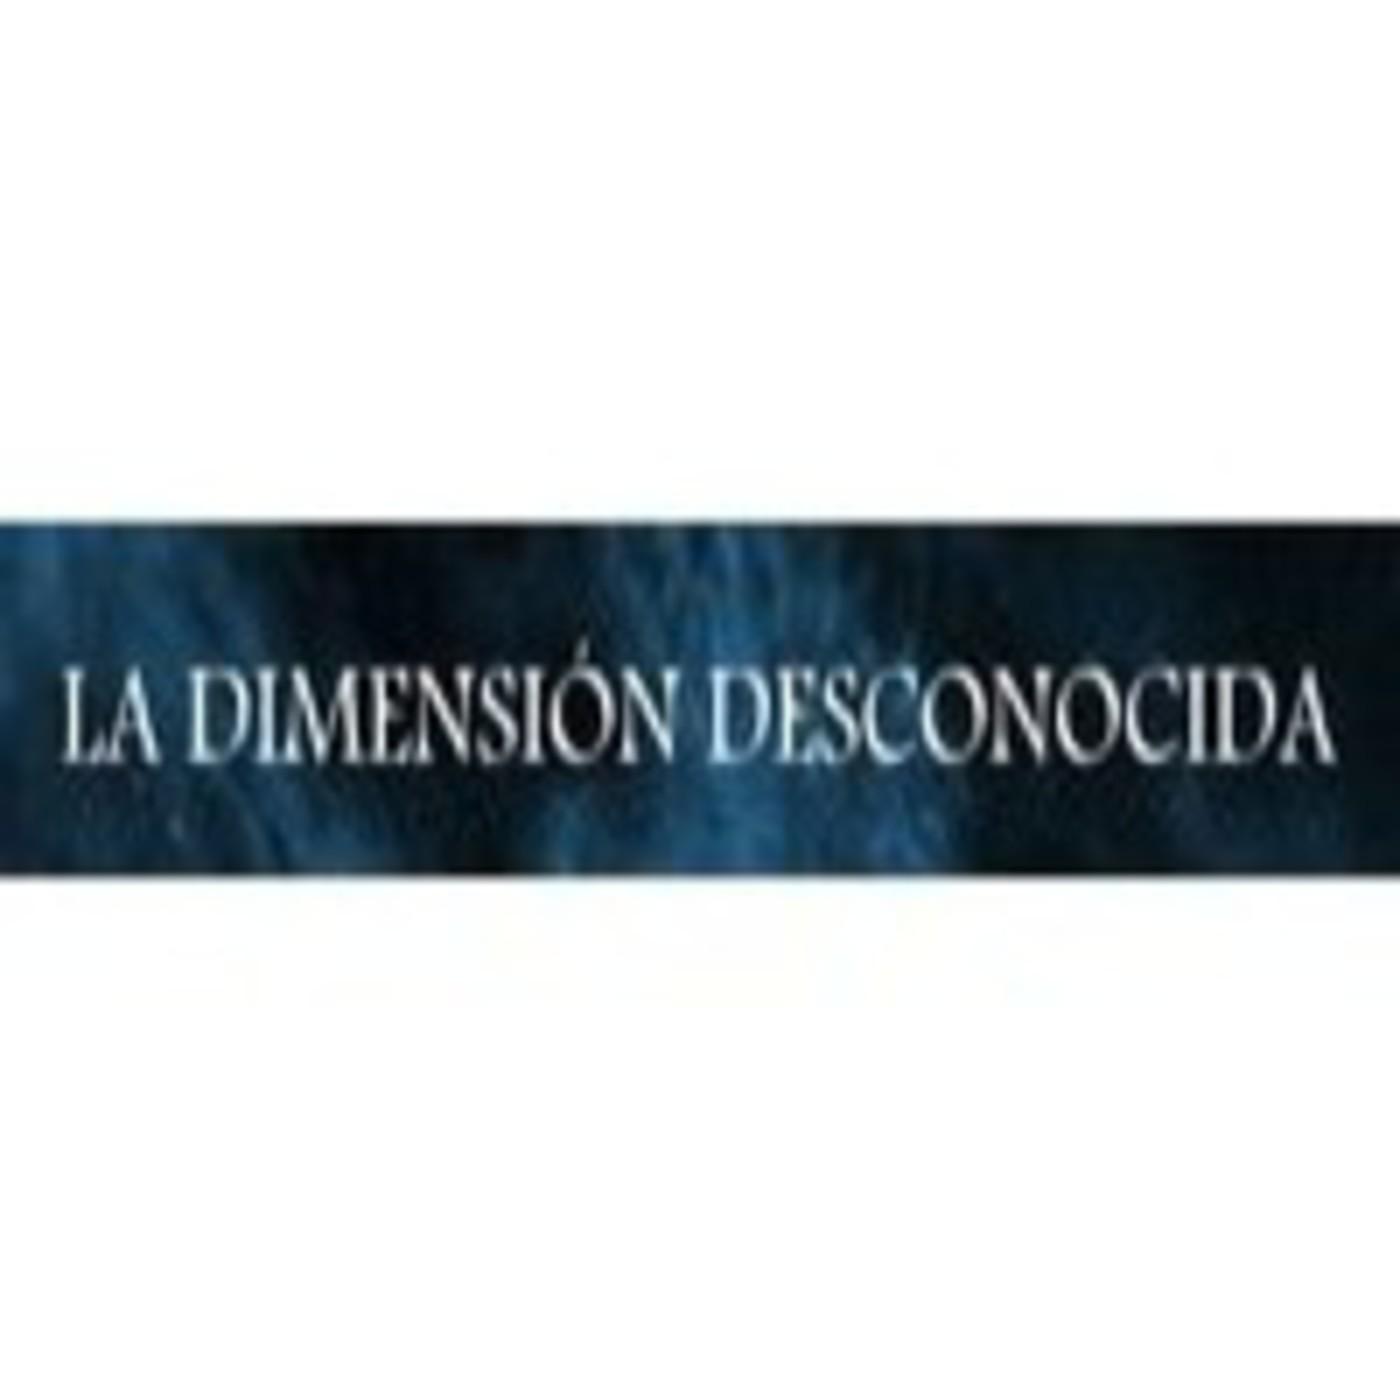 <![CDATA[Podcast LA DIMENSIÓN DESCONOCIDA]]>